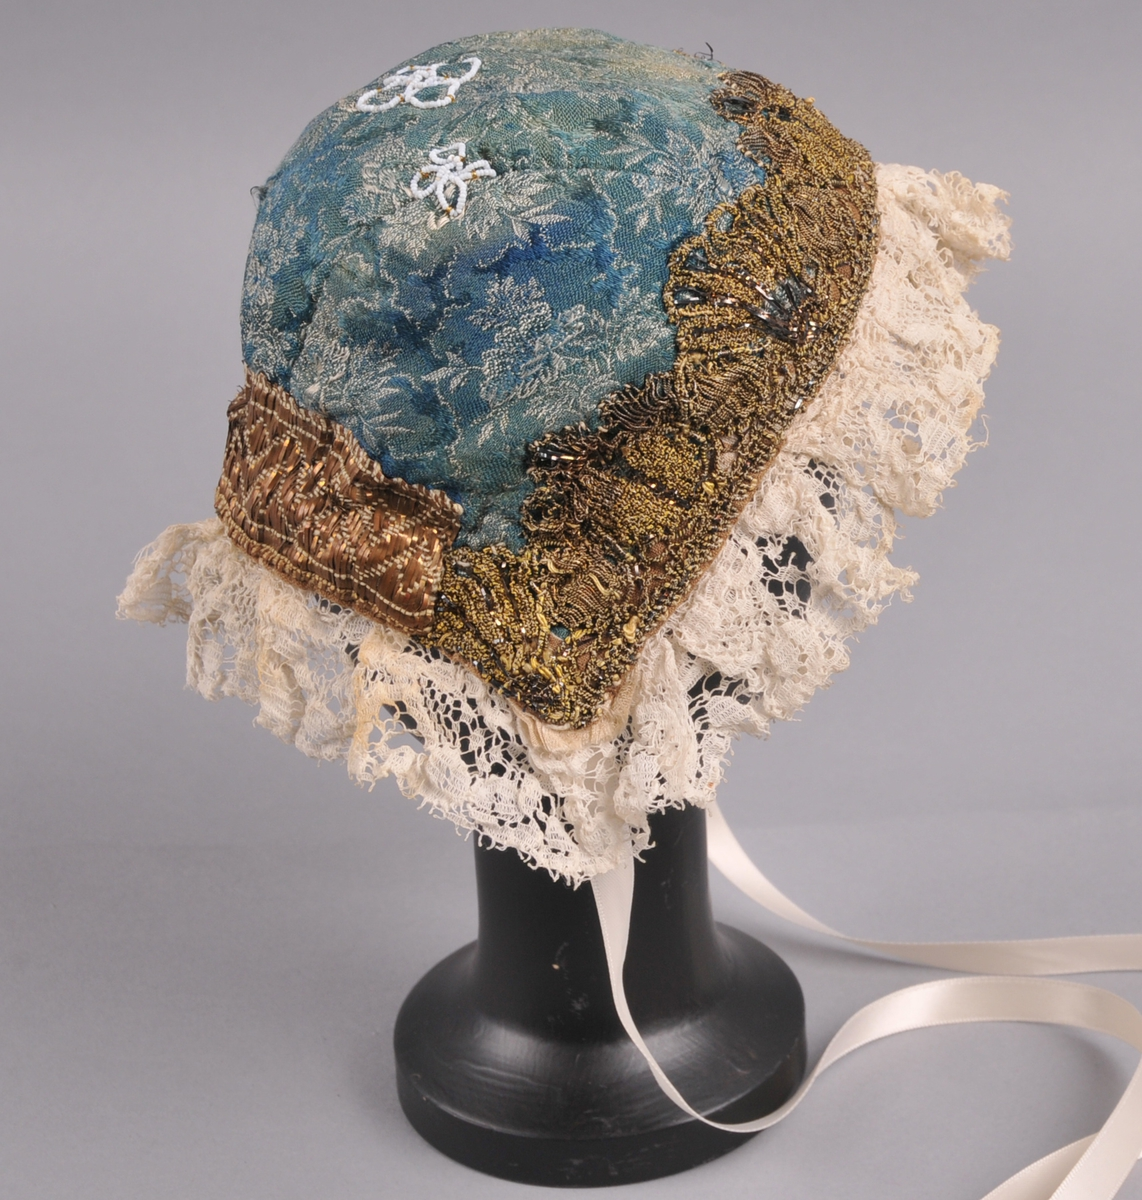 """Luve i blåmønstrete silkedamask, med gullknipling framme og gullband (admiralband) nede. Luva er samansett av tre delar (trebladluve), eit midtstykke og to sidestykke. Langs ytterkanten, rundt heile luva er det ein 5 cm brei bomullsblonde. I hjørna nede, på yttersida er det """"spor"""" etter knyteband som er avklypte. På same stad, men på vronga er det sauma på nye knyteband av polyester. Luva har blomedekor av små kvite perler, tre stk, på nakkestykket, med form som som ein hvalknute."""